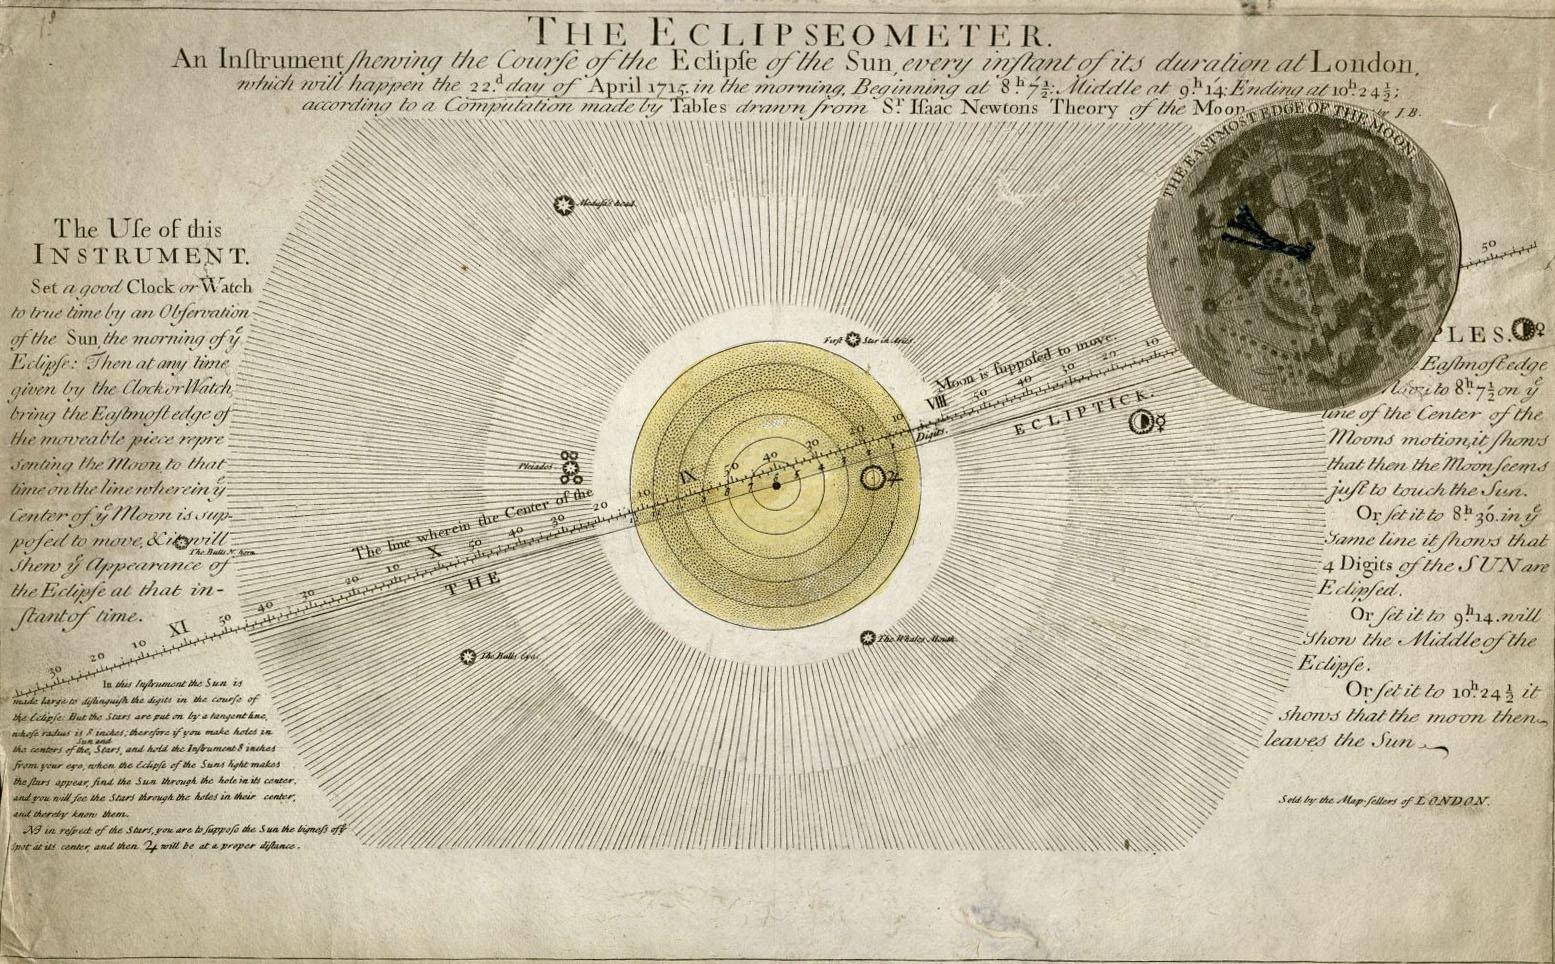 Eclipsometer